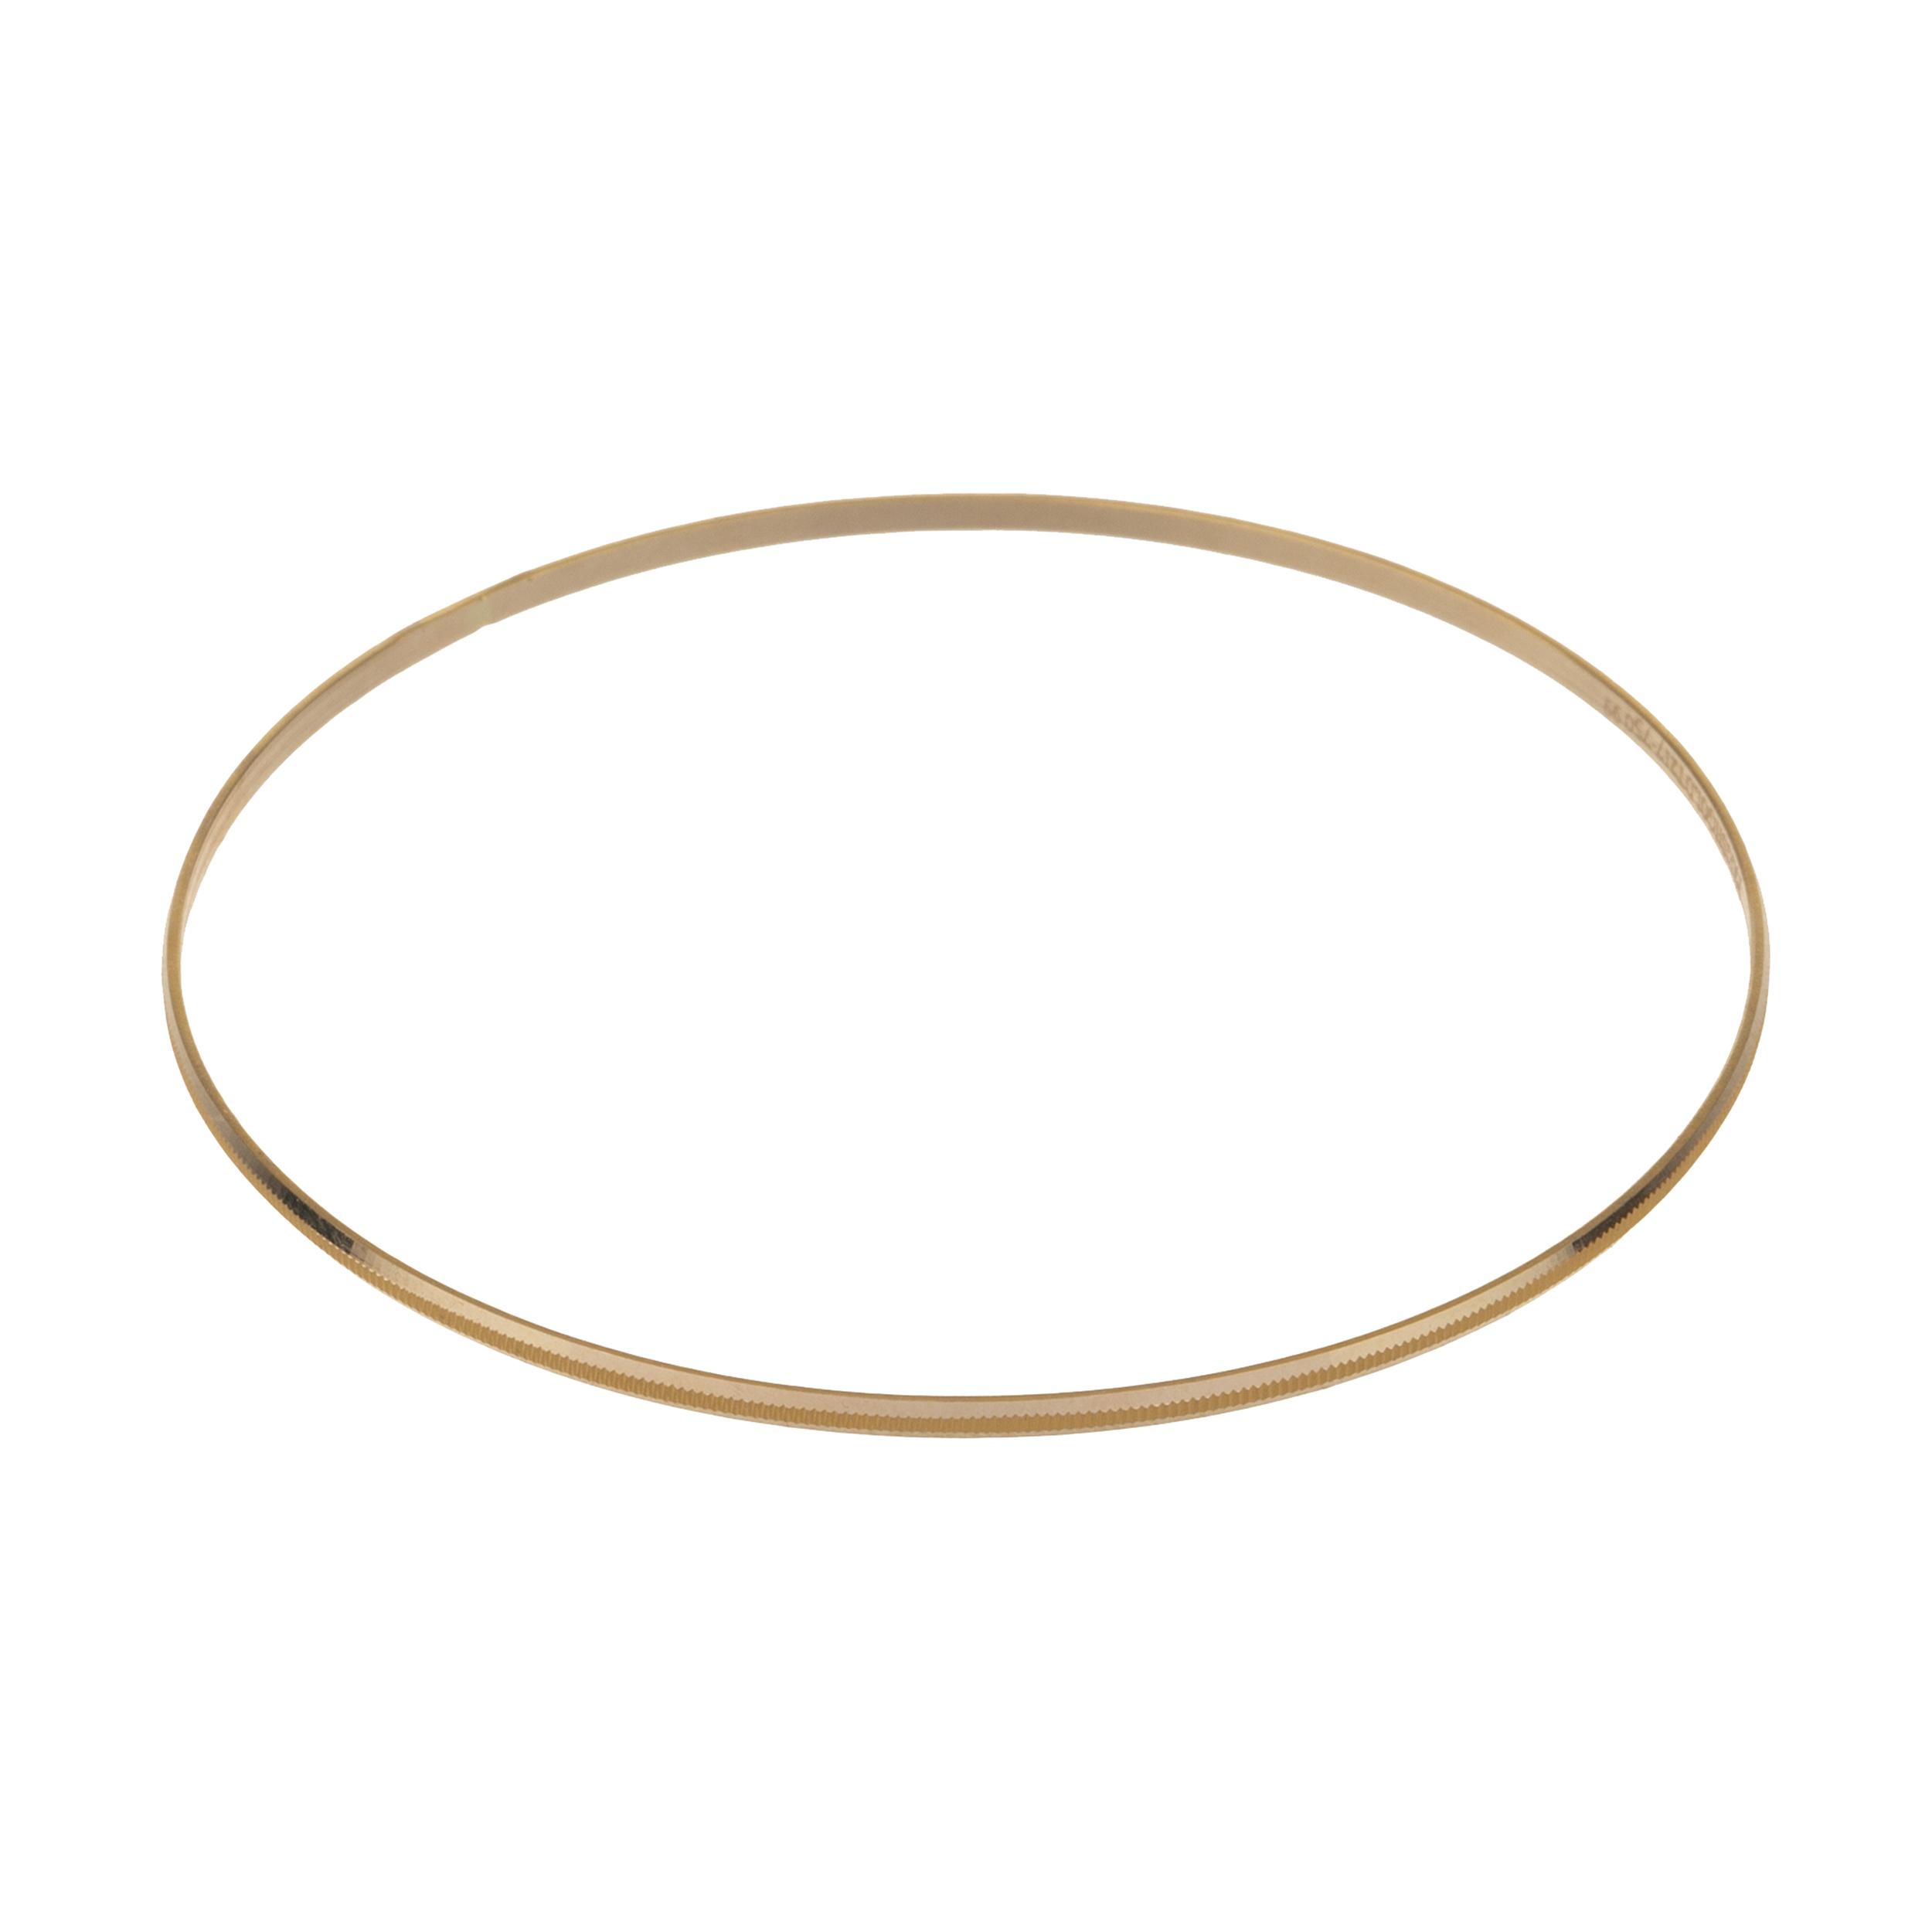 النگو طلا 18 عیار زنانه گالری یار طلا کد AL12-G-4